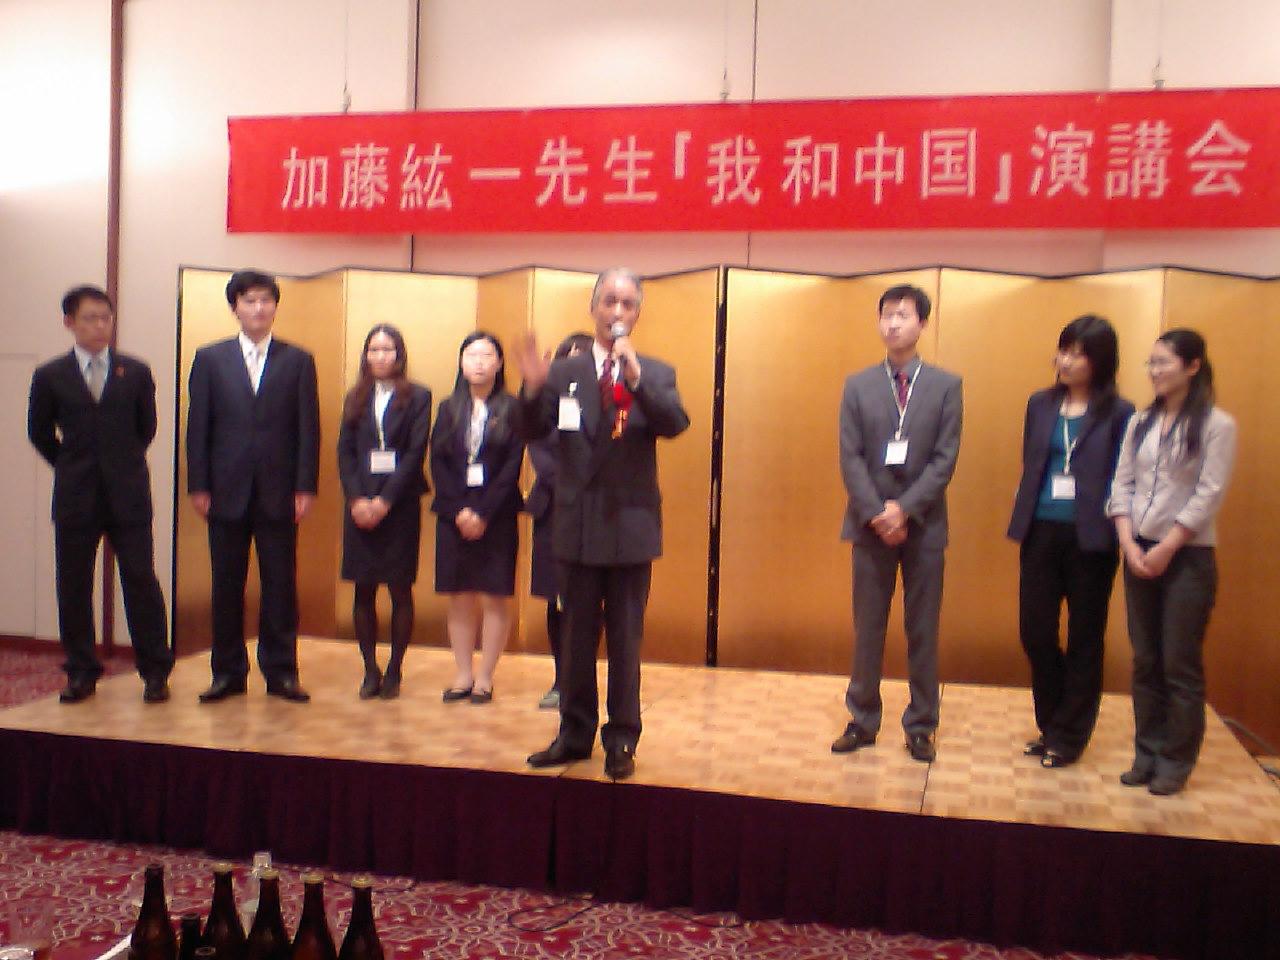 北京大学の挨拶_d0027795_19485080.jpg